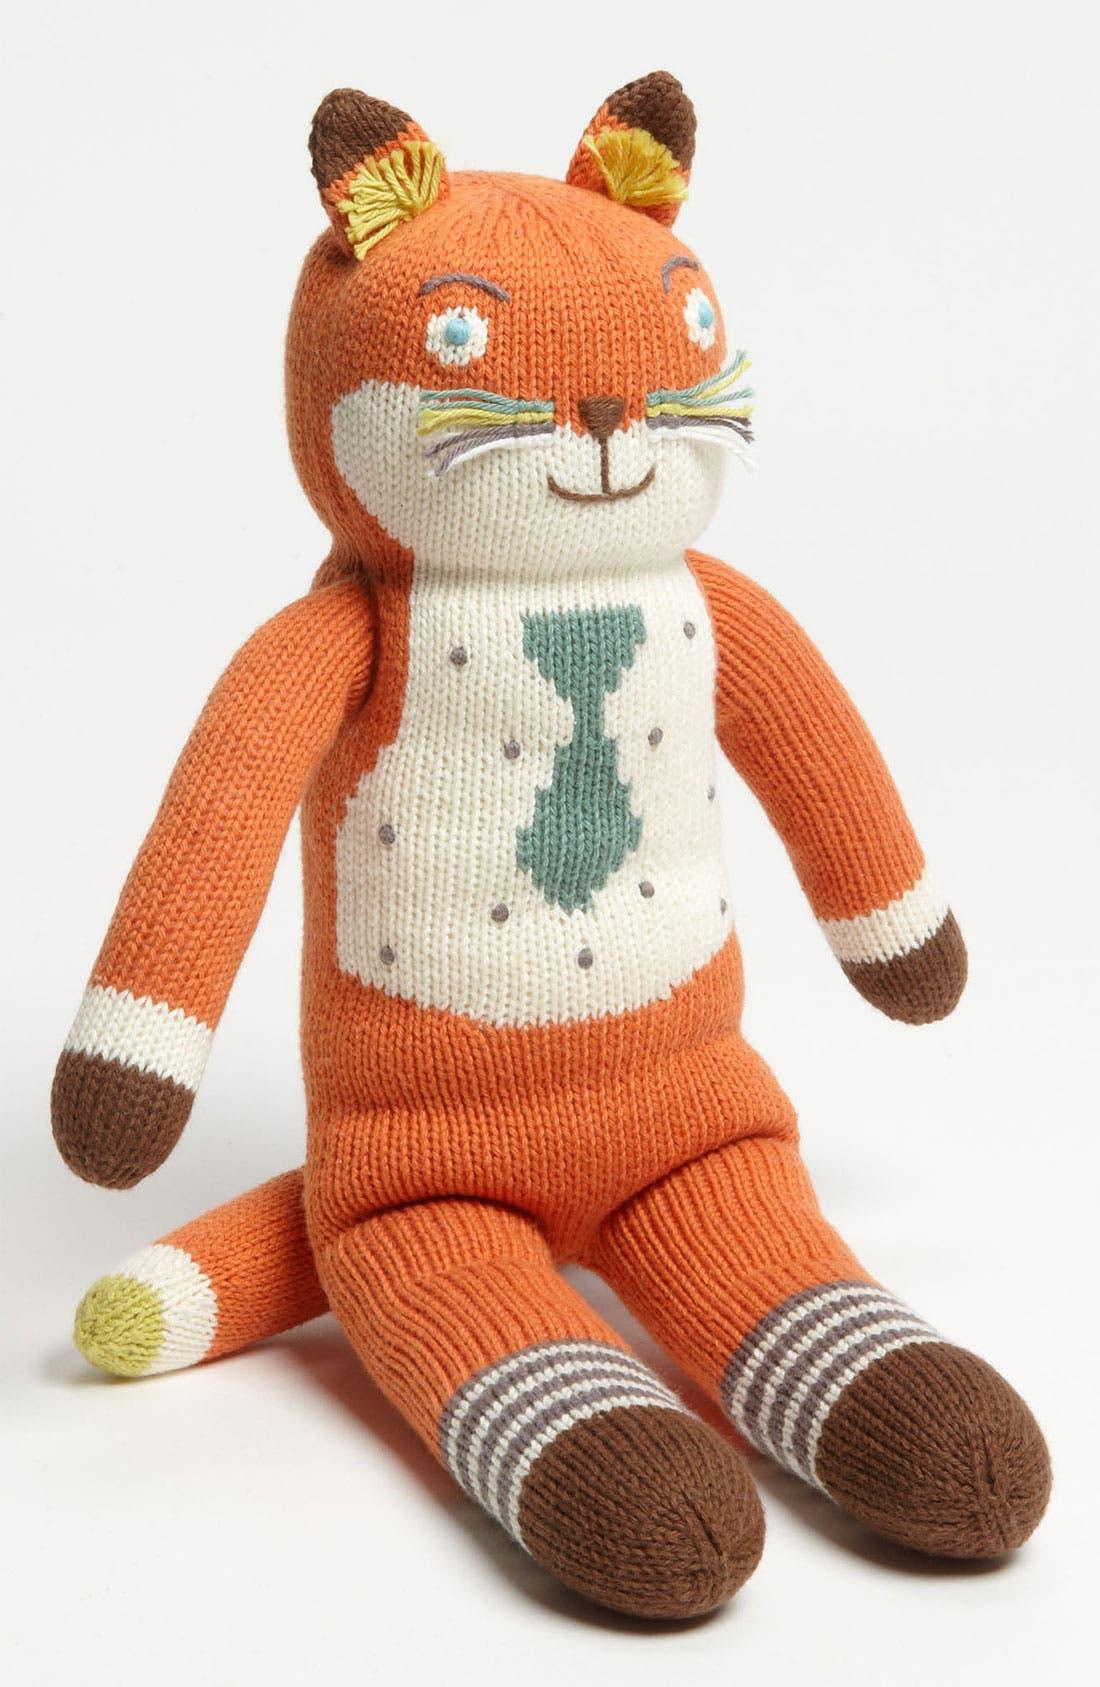 Main Image - Blabla 'Socks the Fox' Knit Doll